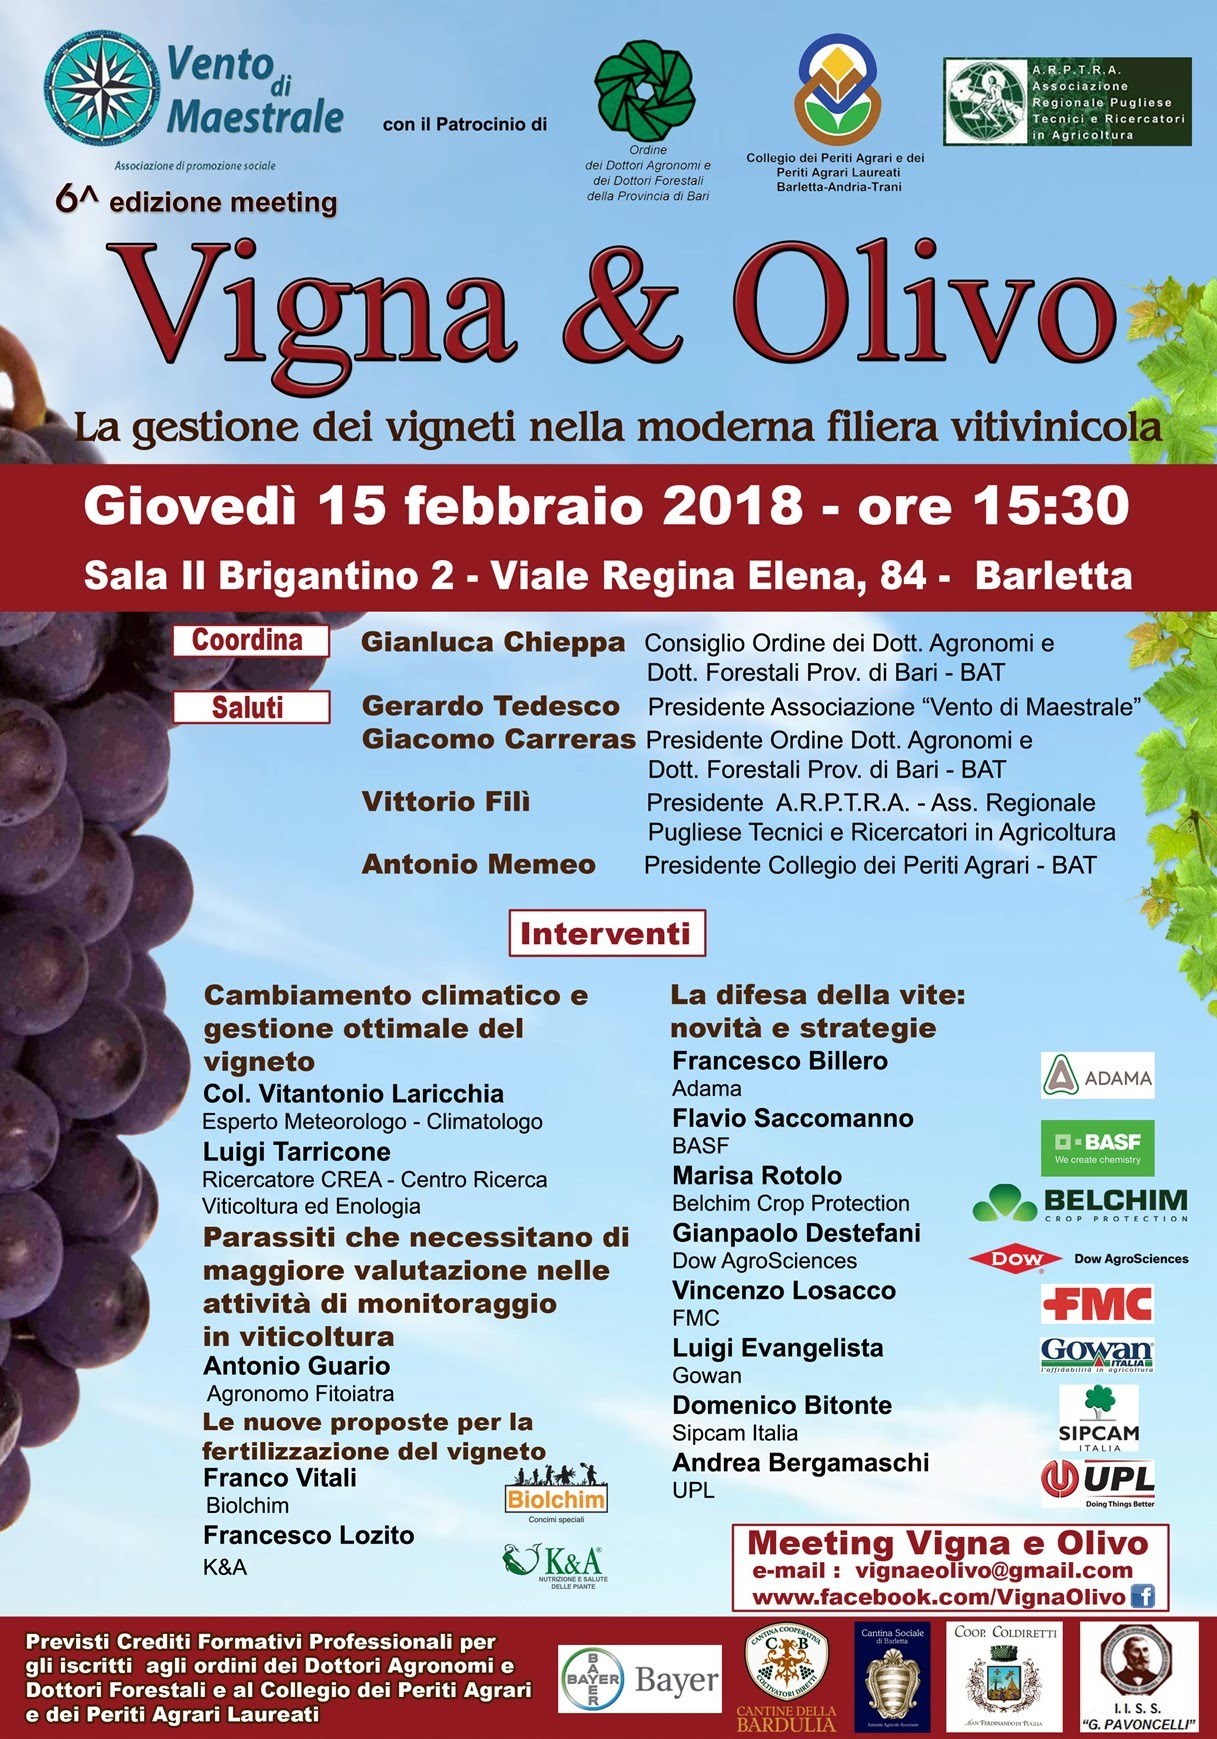 Vigna e olivo